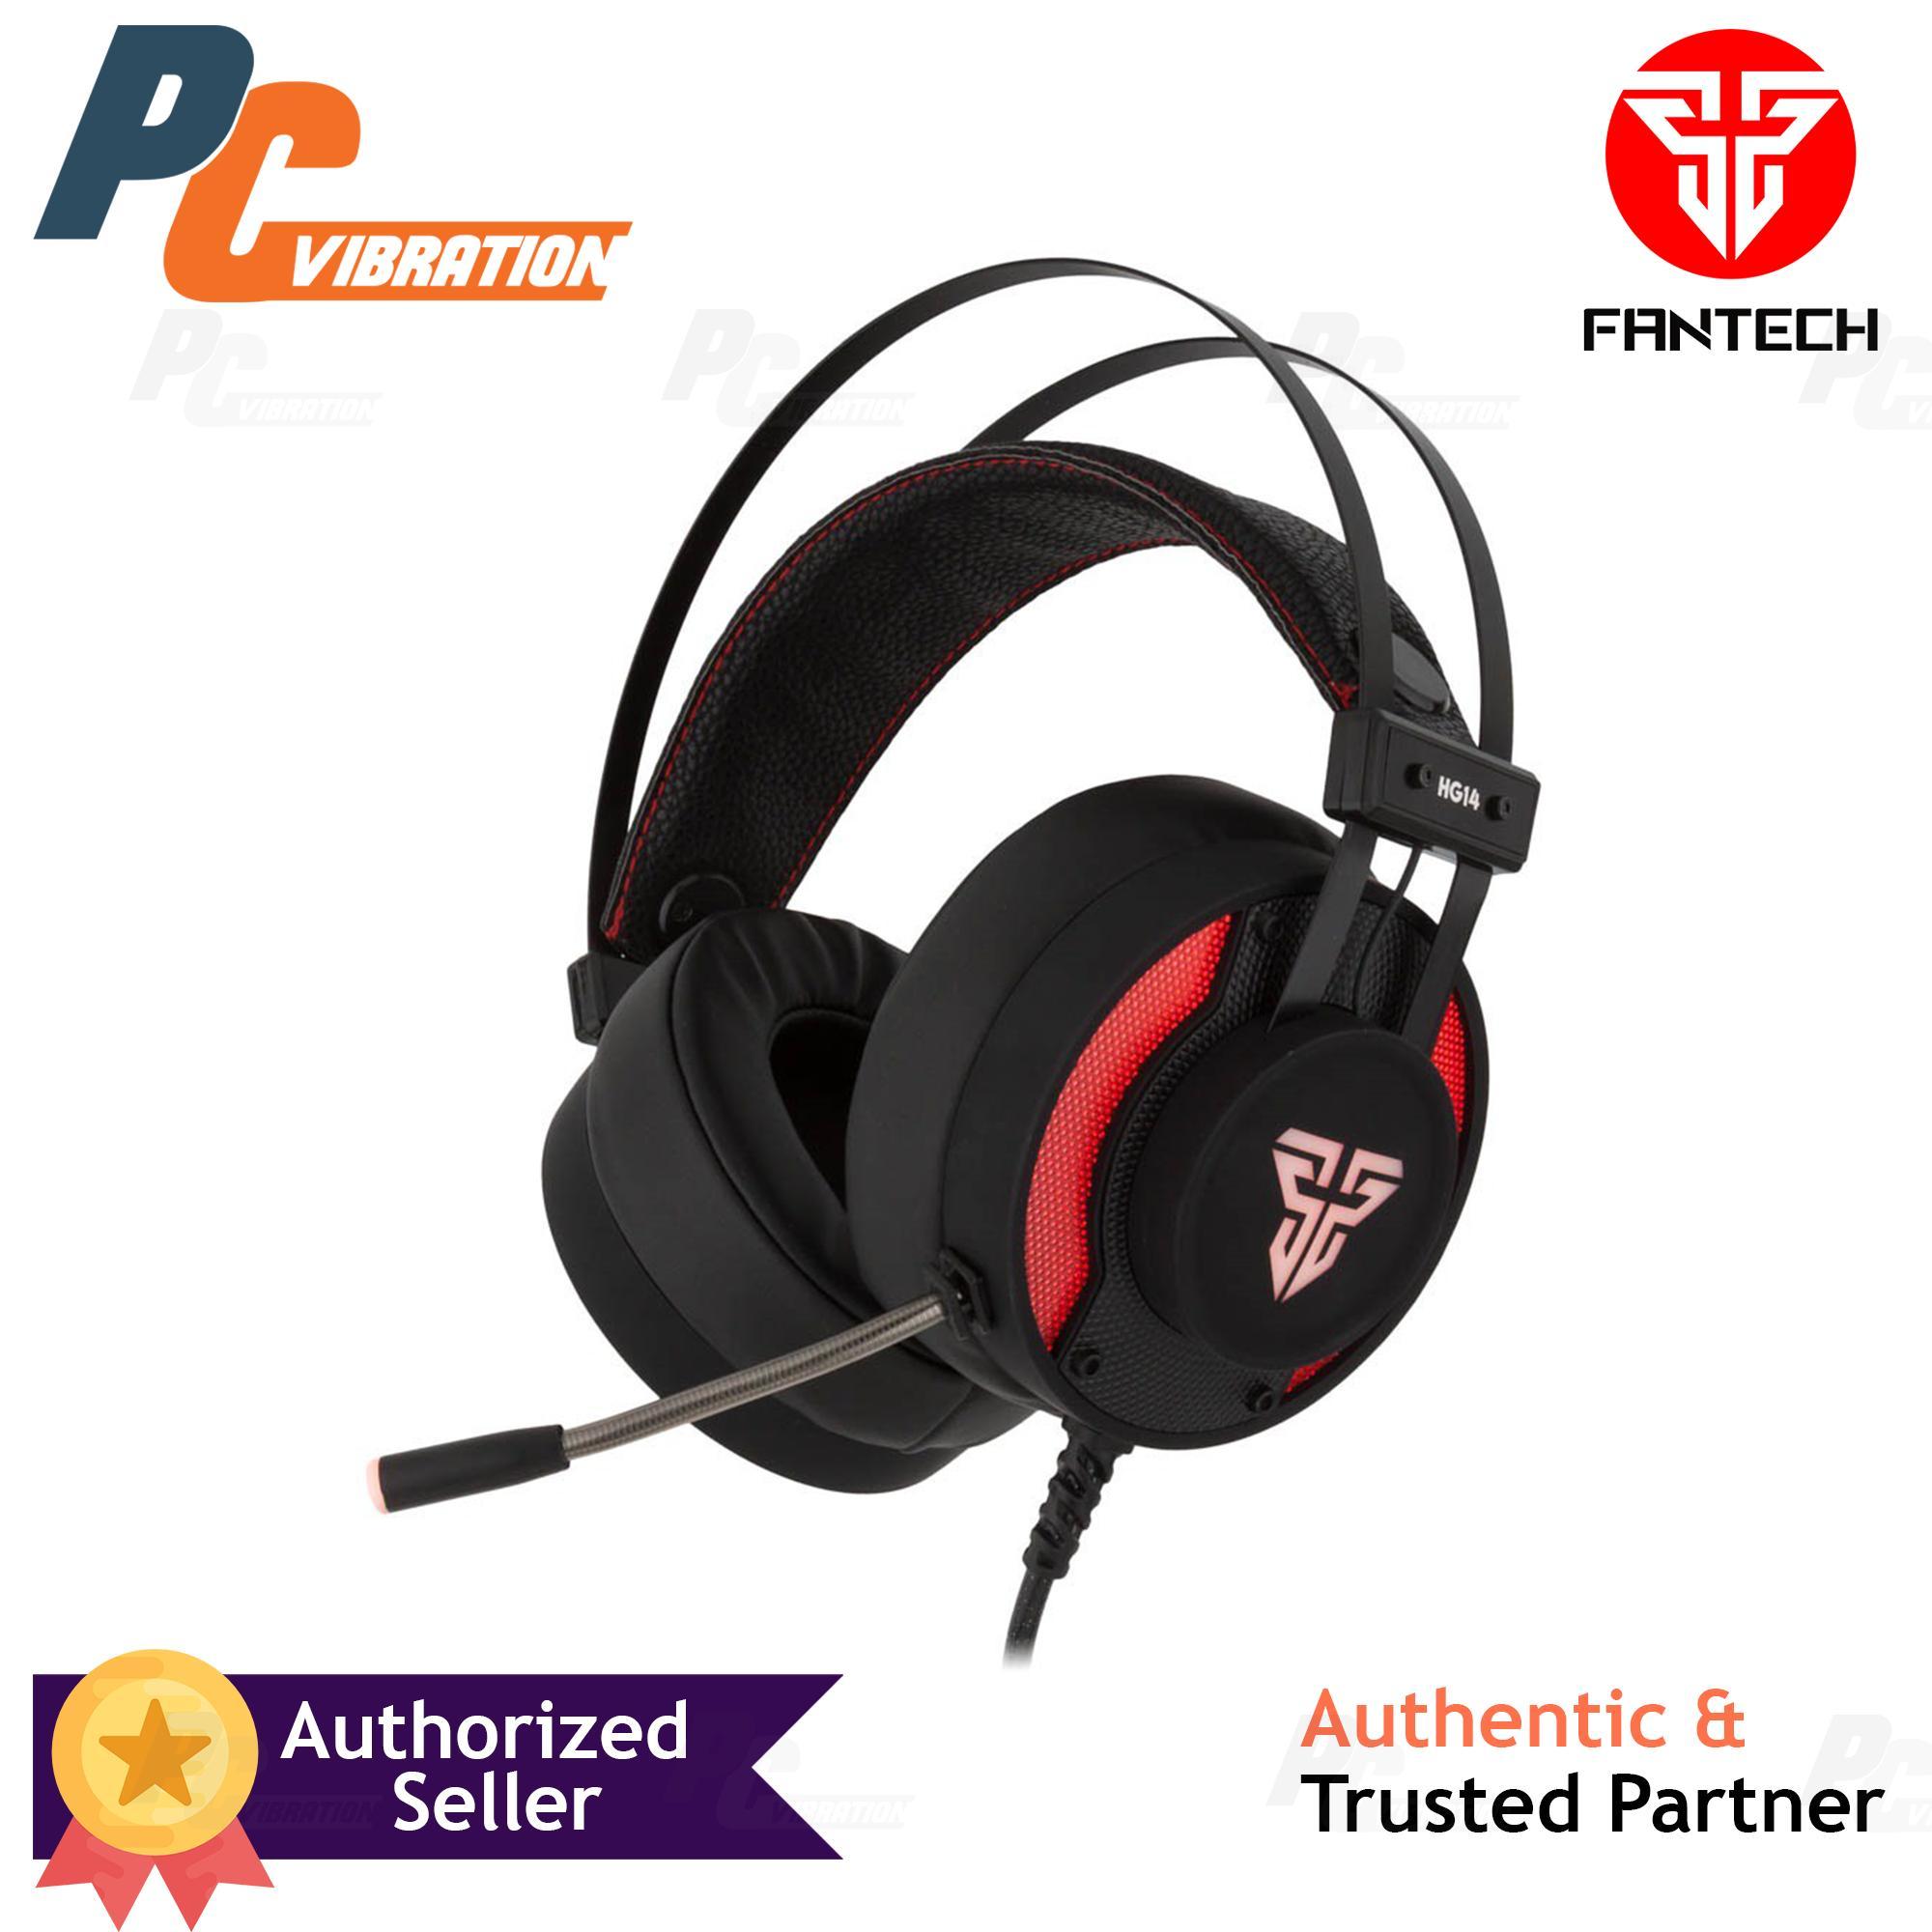 Gaming Headphones For Sale Prices Brands Fs Razer Kraken Pro V2 Black Fantech Hg14 Captain 71 Headset